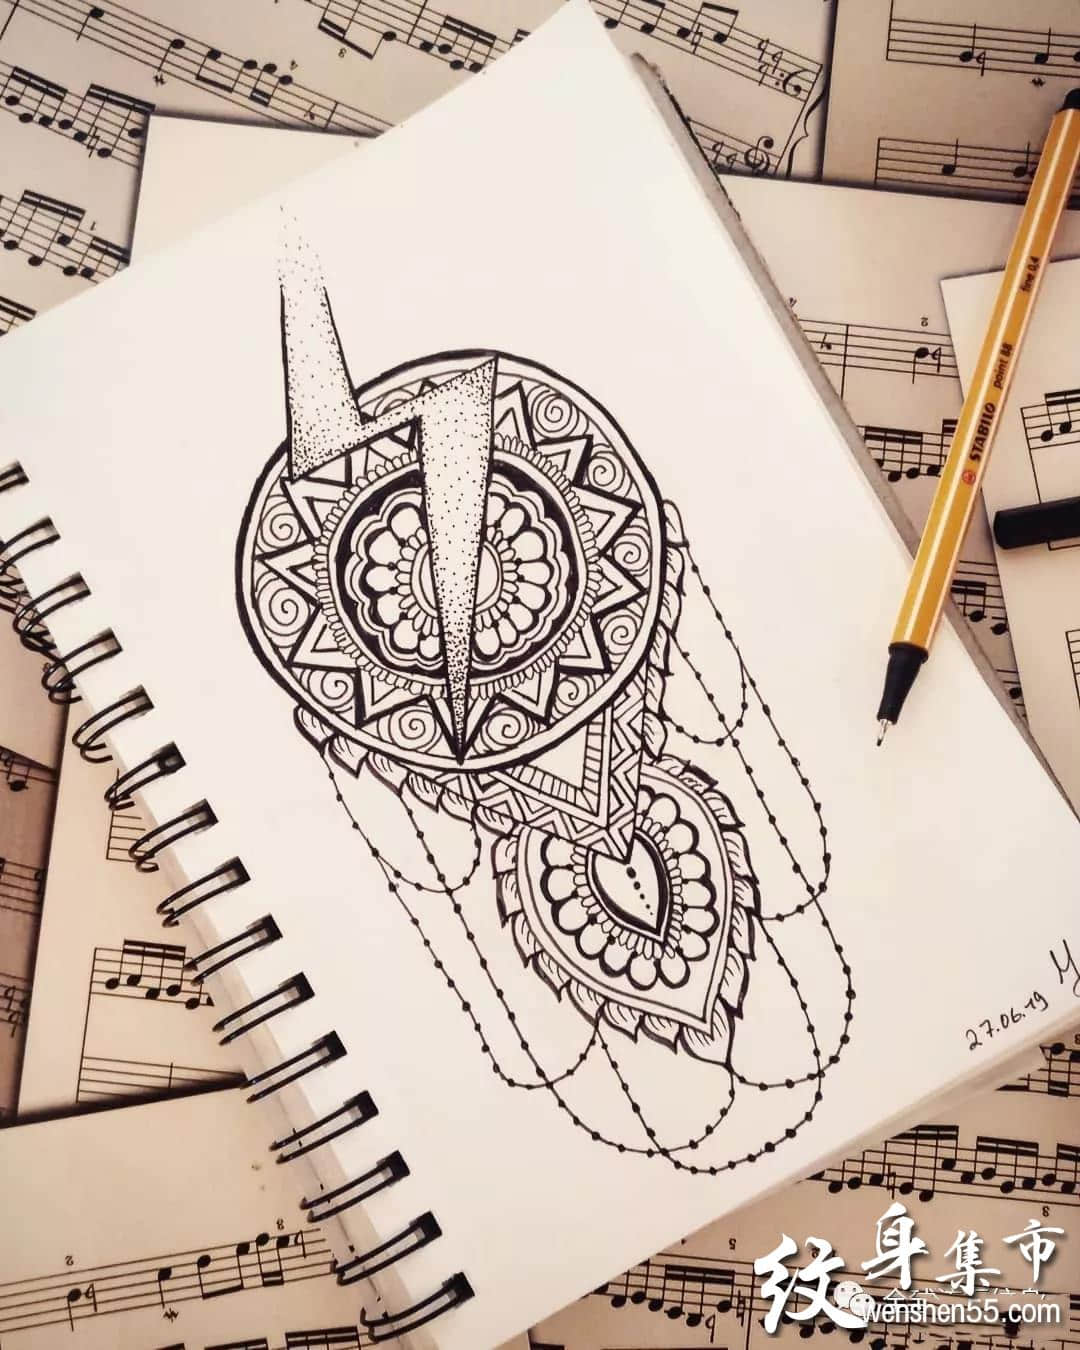 闪电纹身,闪电纹身手稿,闪电纹身手稿图案